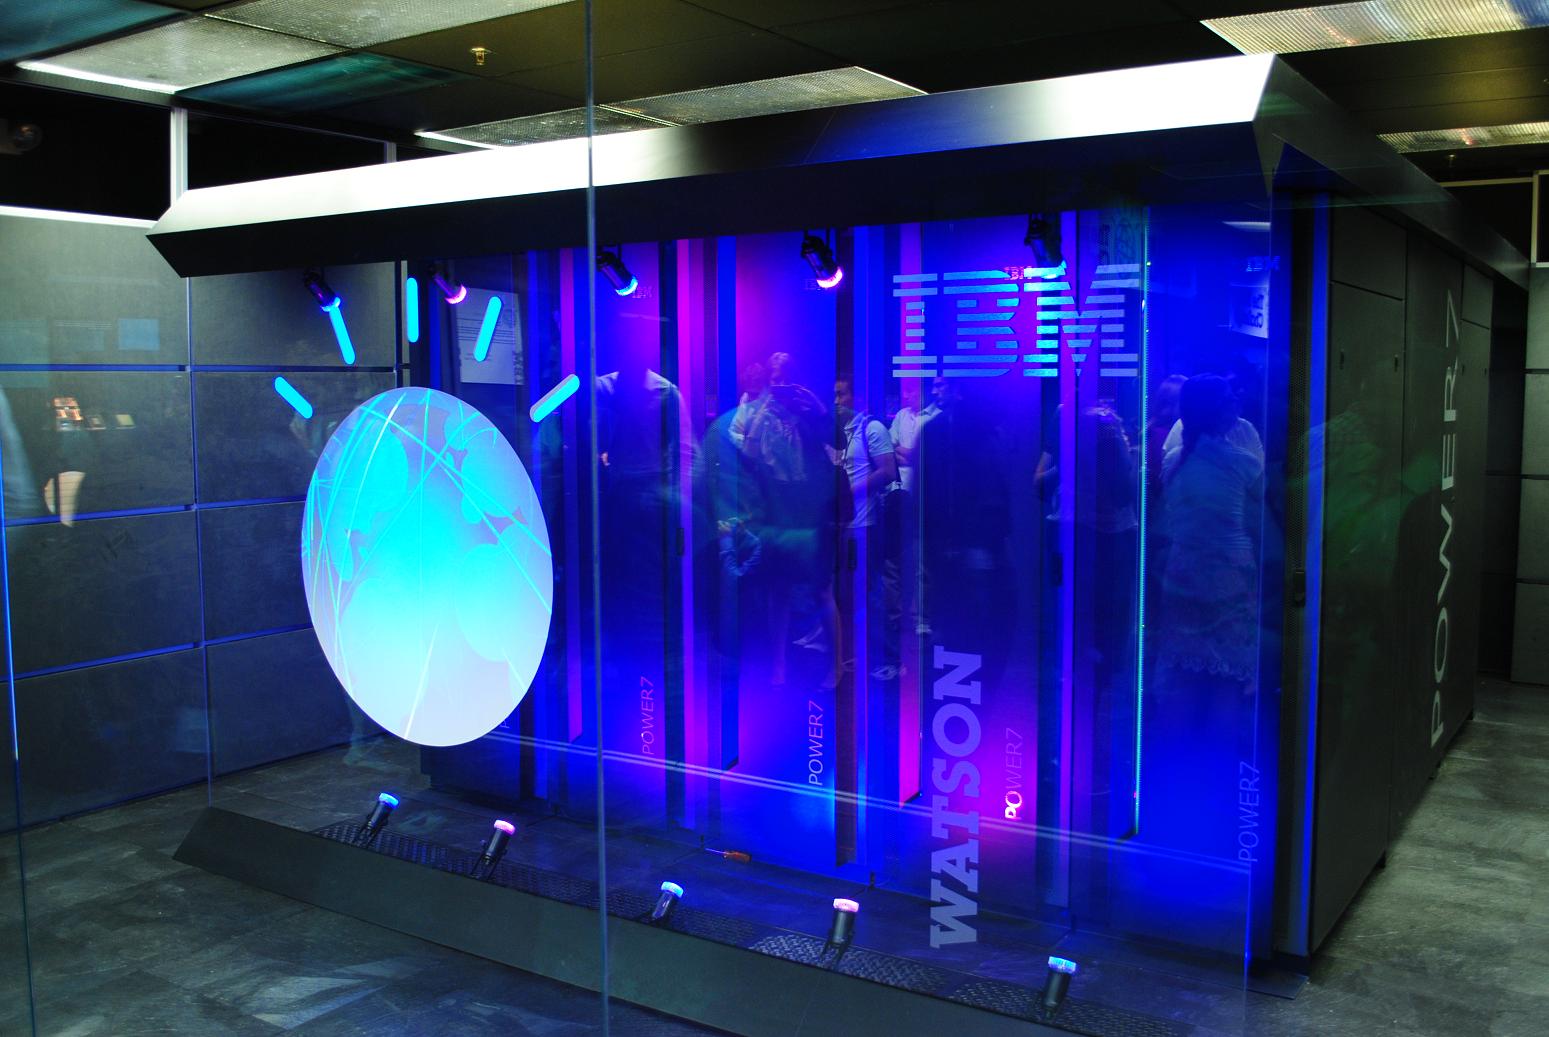 Hottest Emerging Tech Jobs